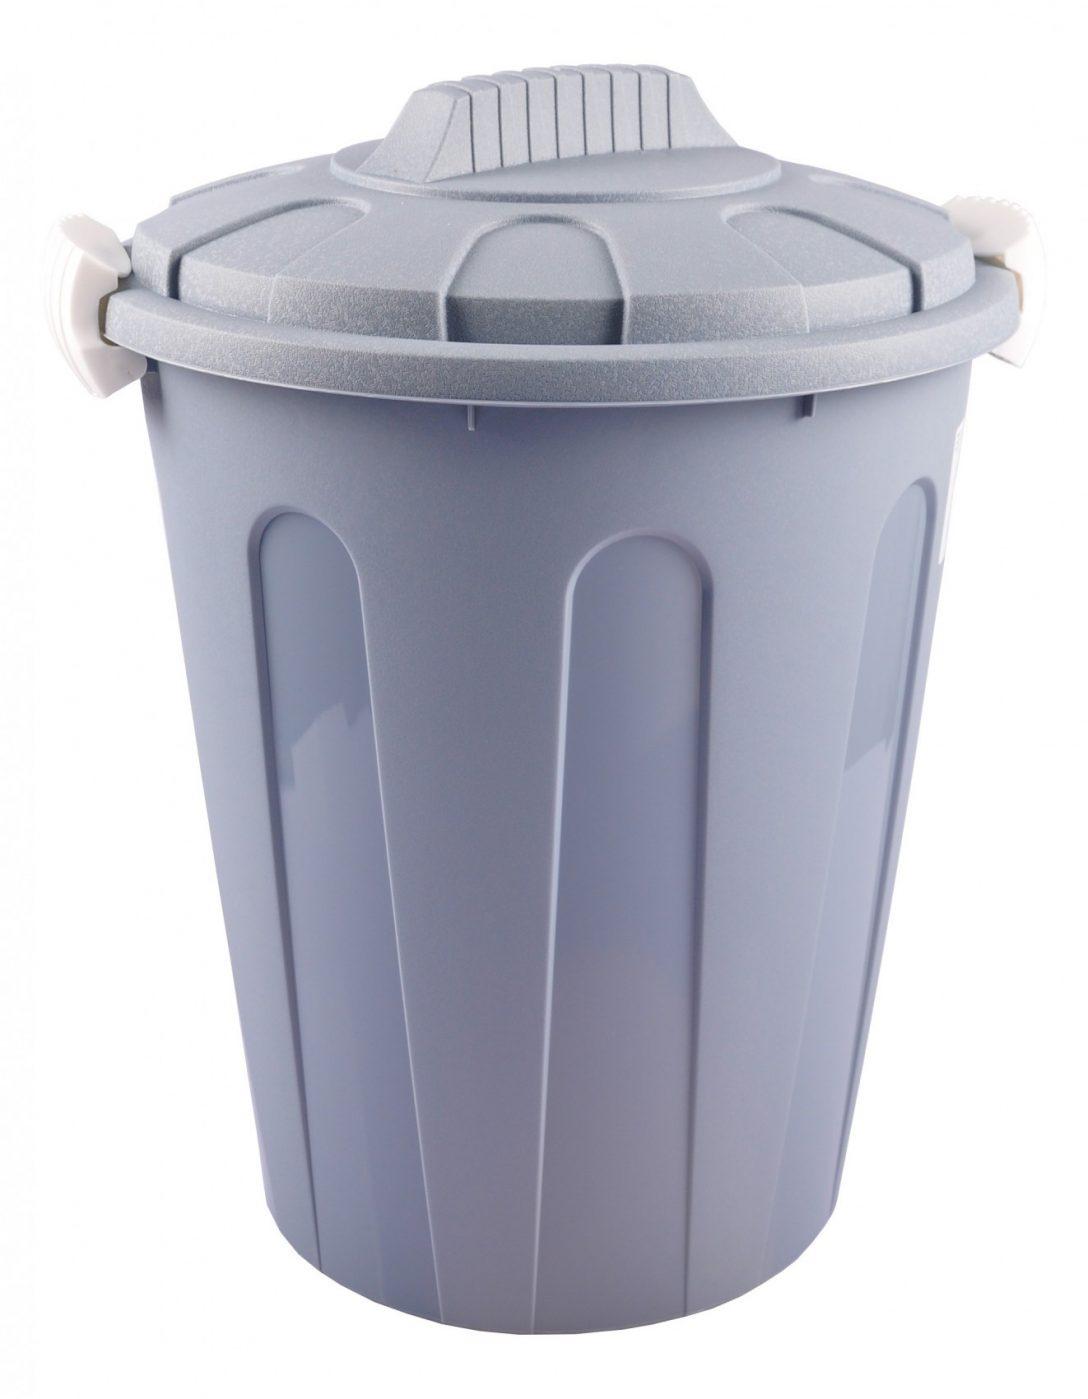 Large Size of Abfalleimer Küche Ausziehbar Abfalleimer Küche Amazon Auszug Abfalleimer Küche Doppel Abfalleimer Küche Küche Abfalleimer Küche